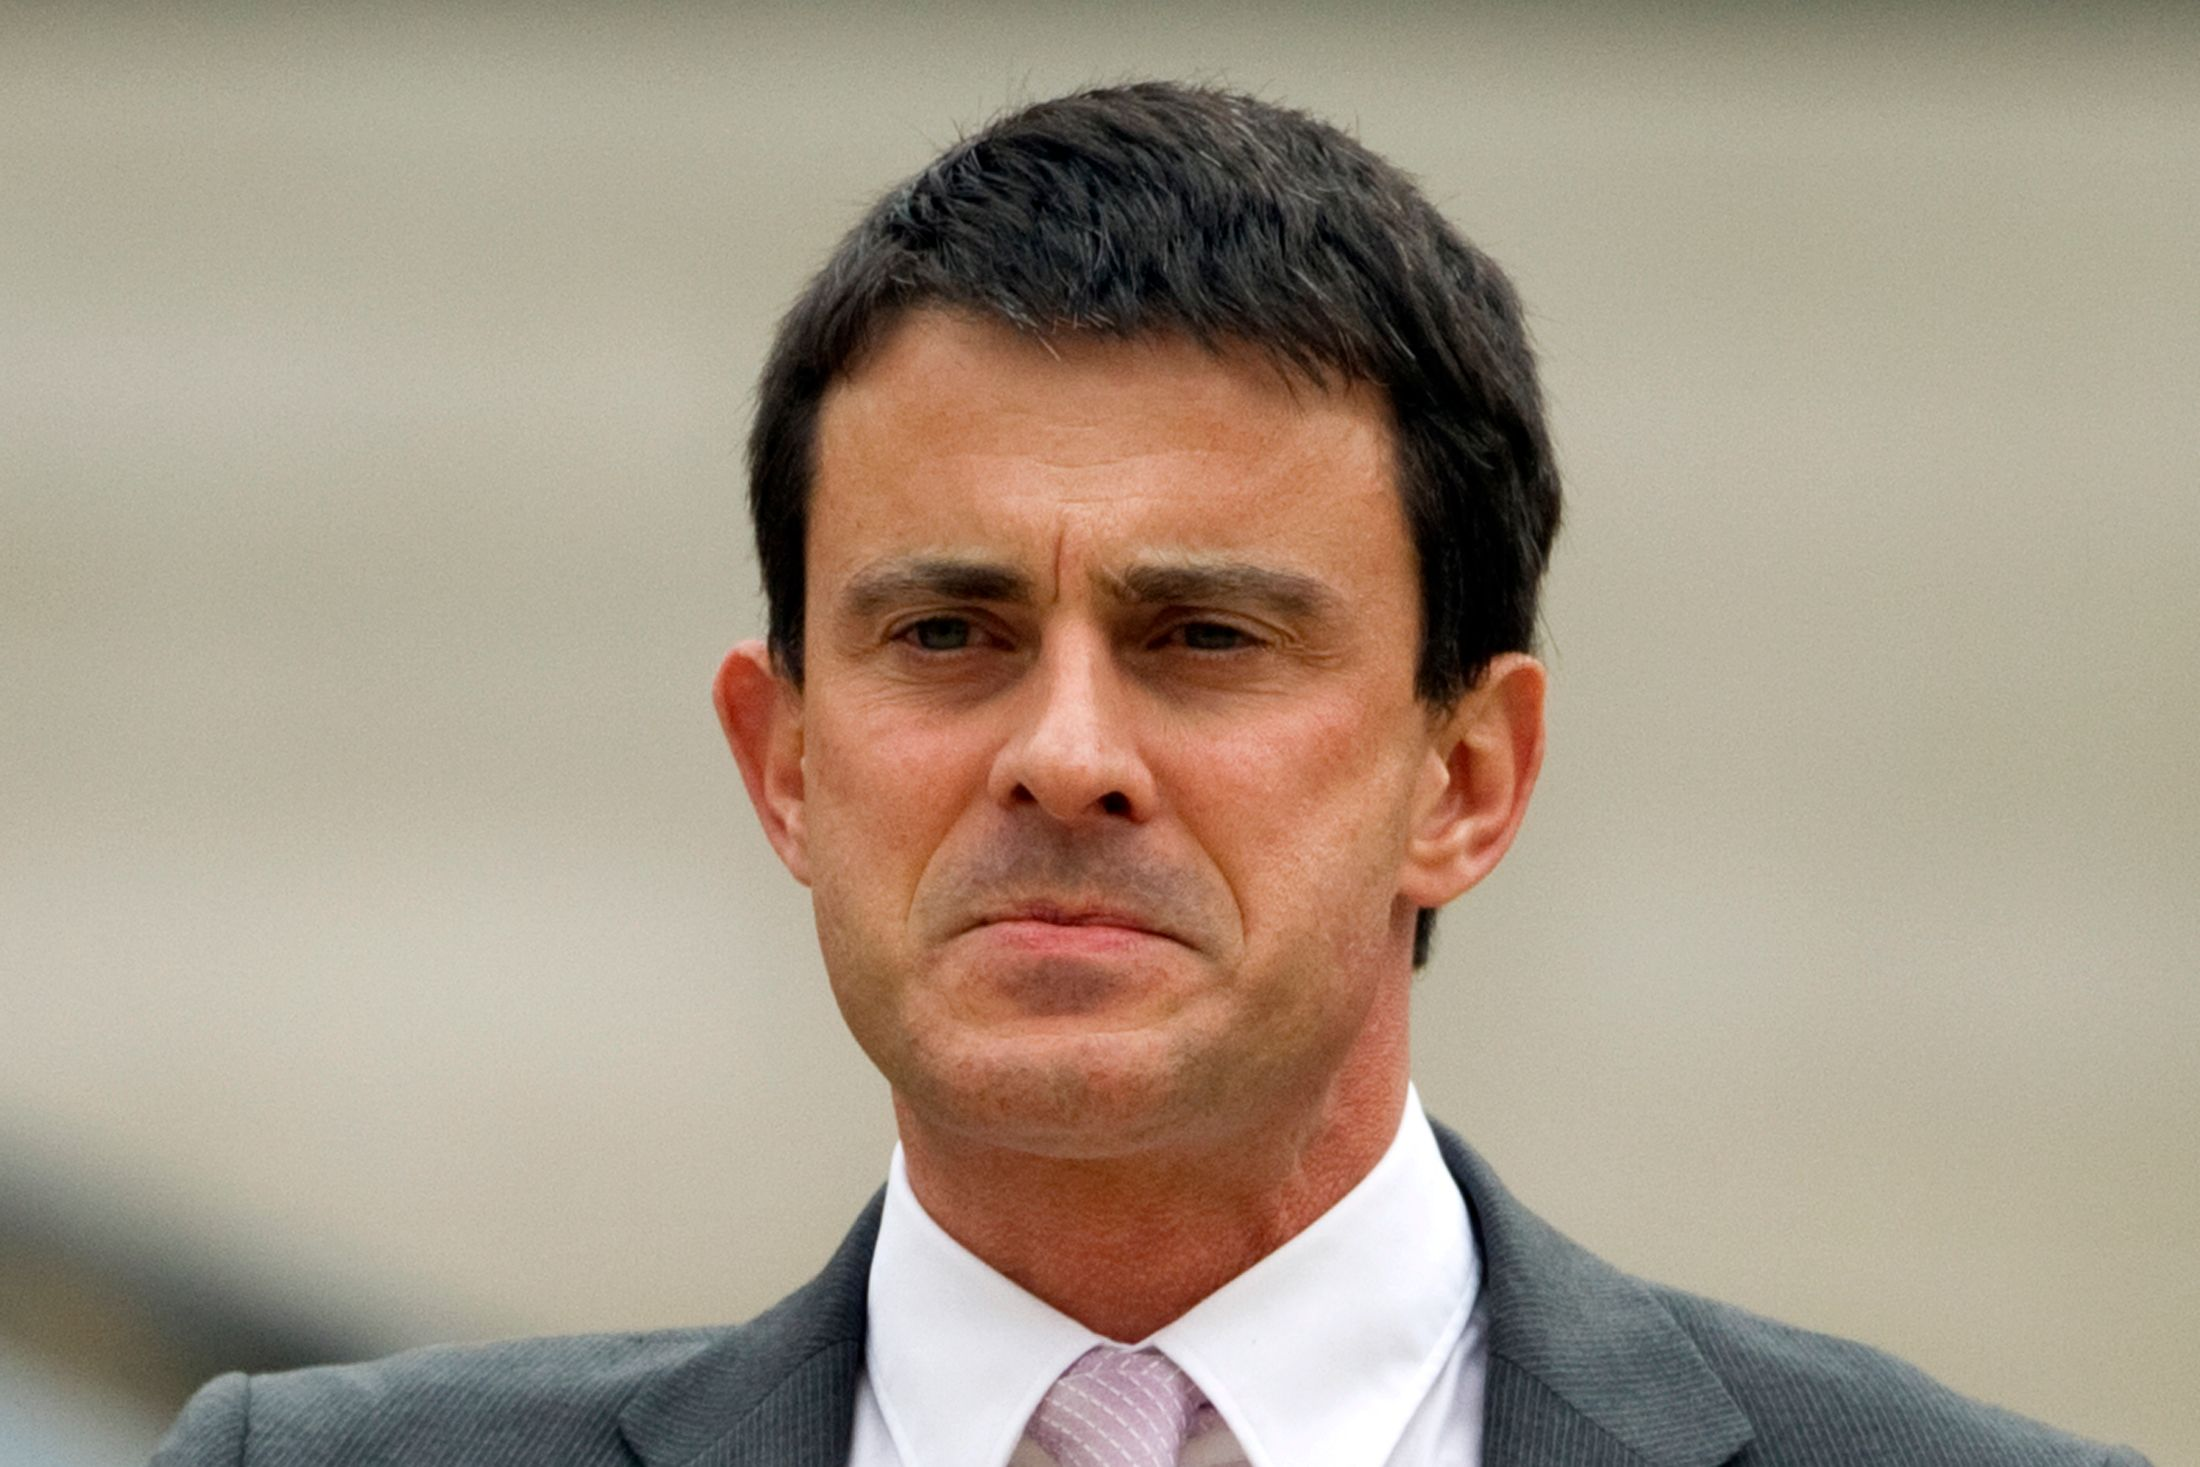 """Délinquance : """"Les résultats sont là, mais je ne m'en satisfais pas"""", dit Manuel Valls"""